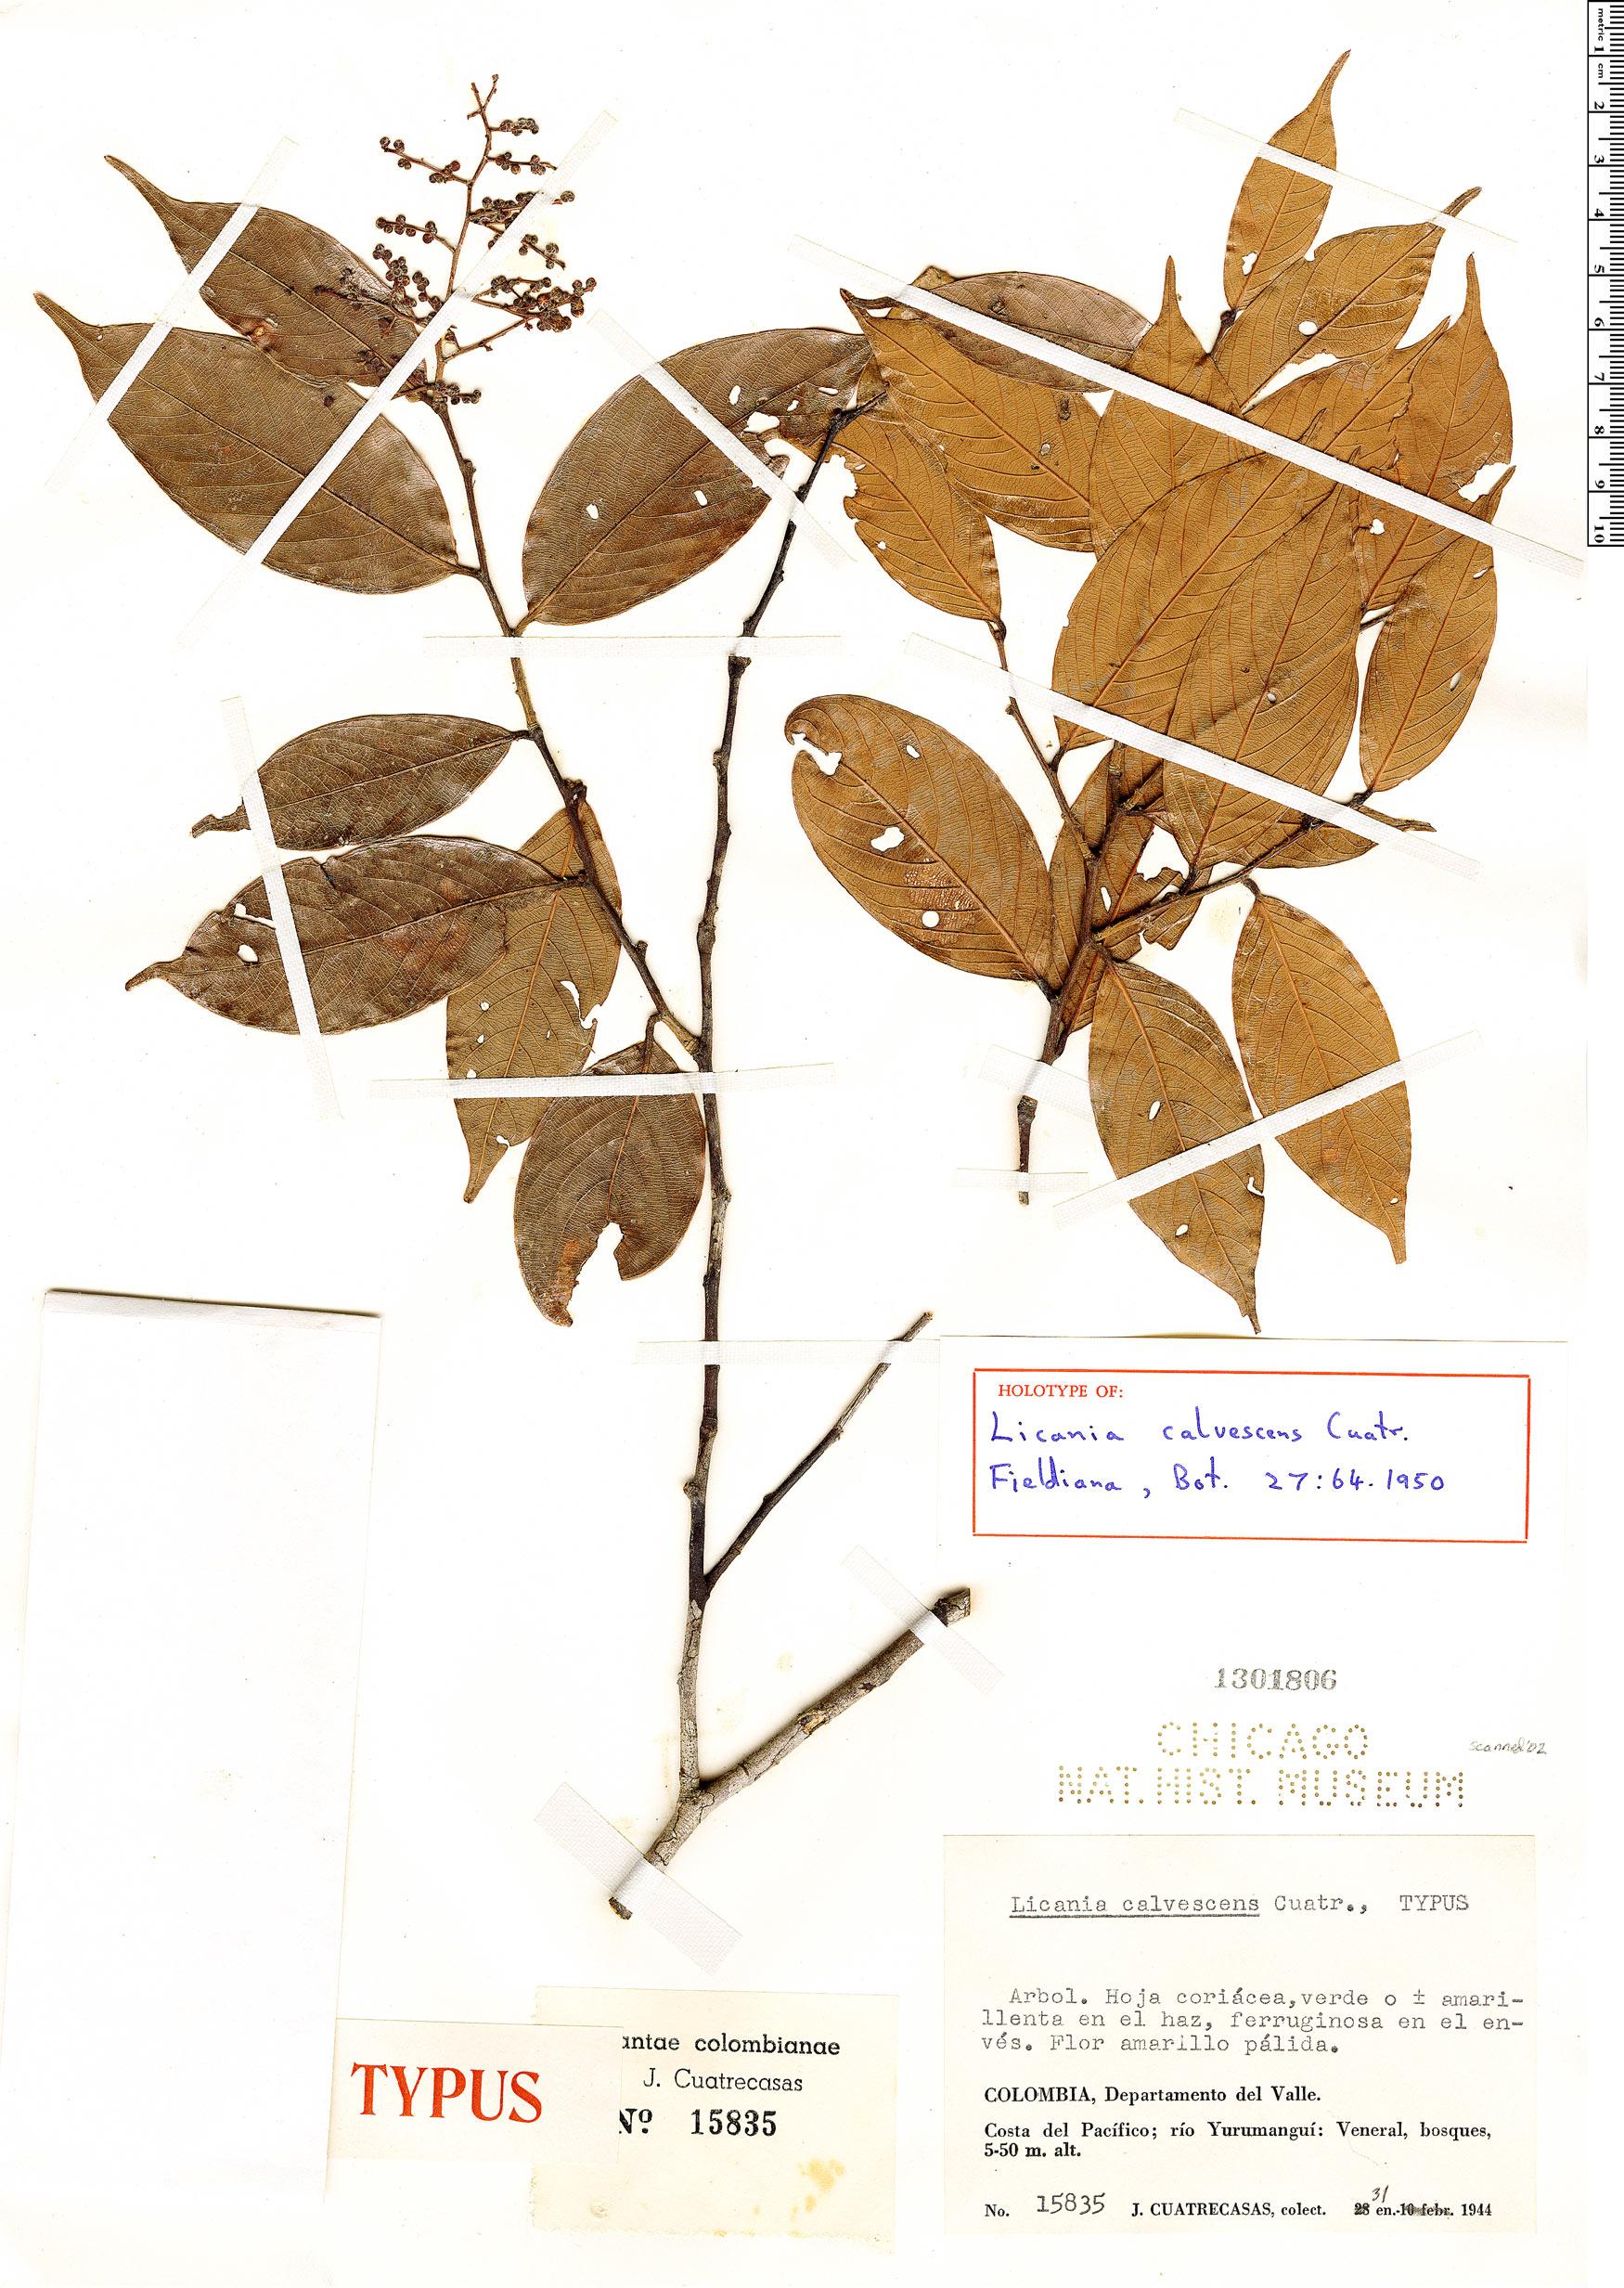 Espécime: Licania calvescens